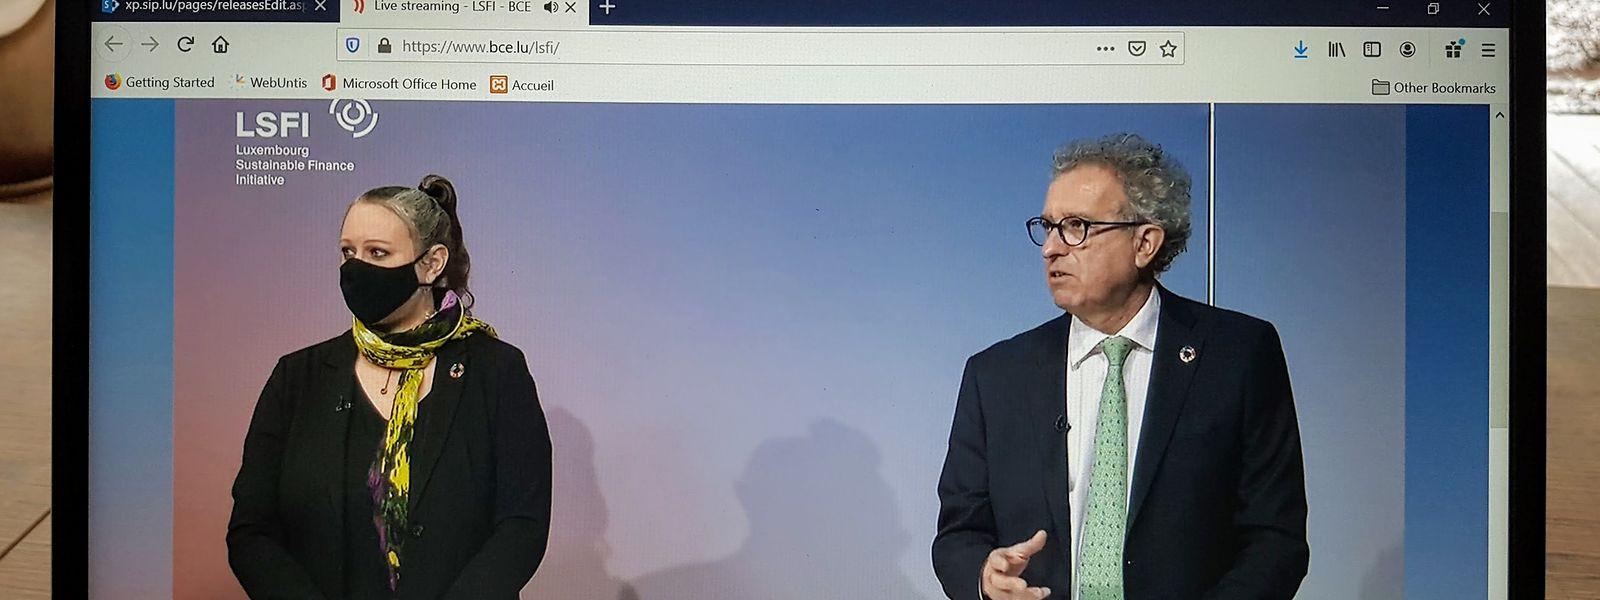 Umweltministerin Carole Dieschbourg und Finanzminister Pierre Gramegna: Das Ziel sei, aus Luxemburg eine internationale Drehscheibe für nachhaltiges Finanzwesen zu machen.